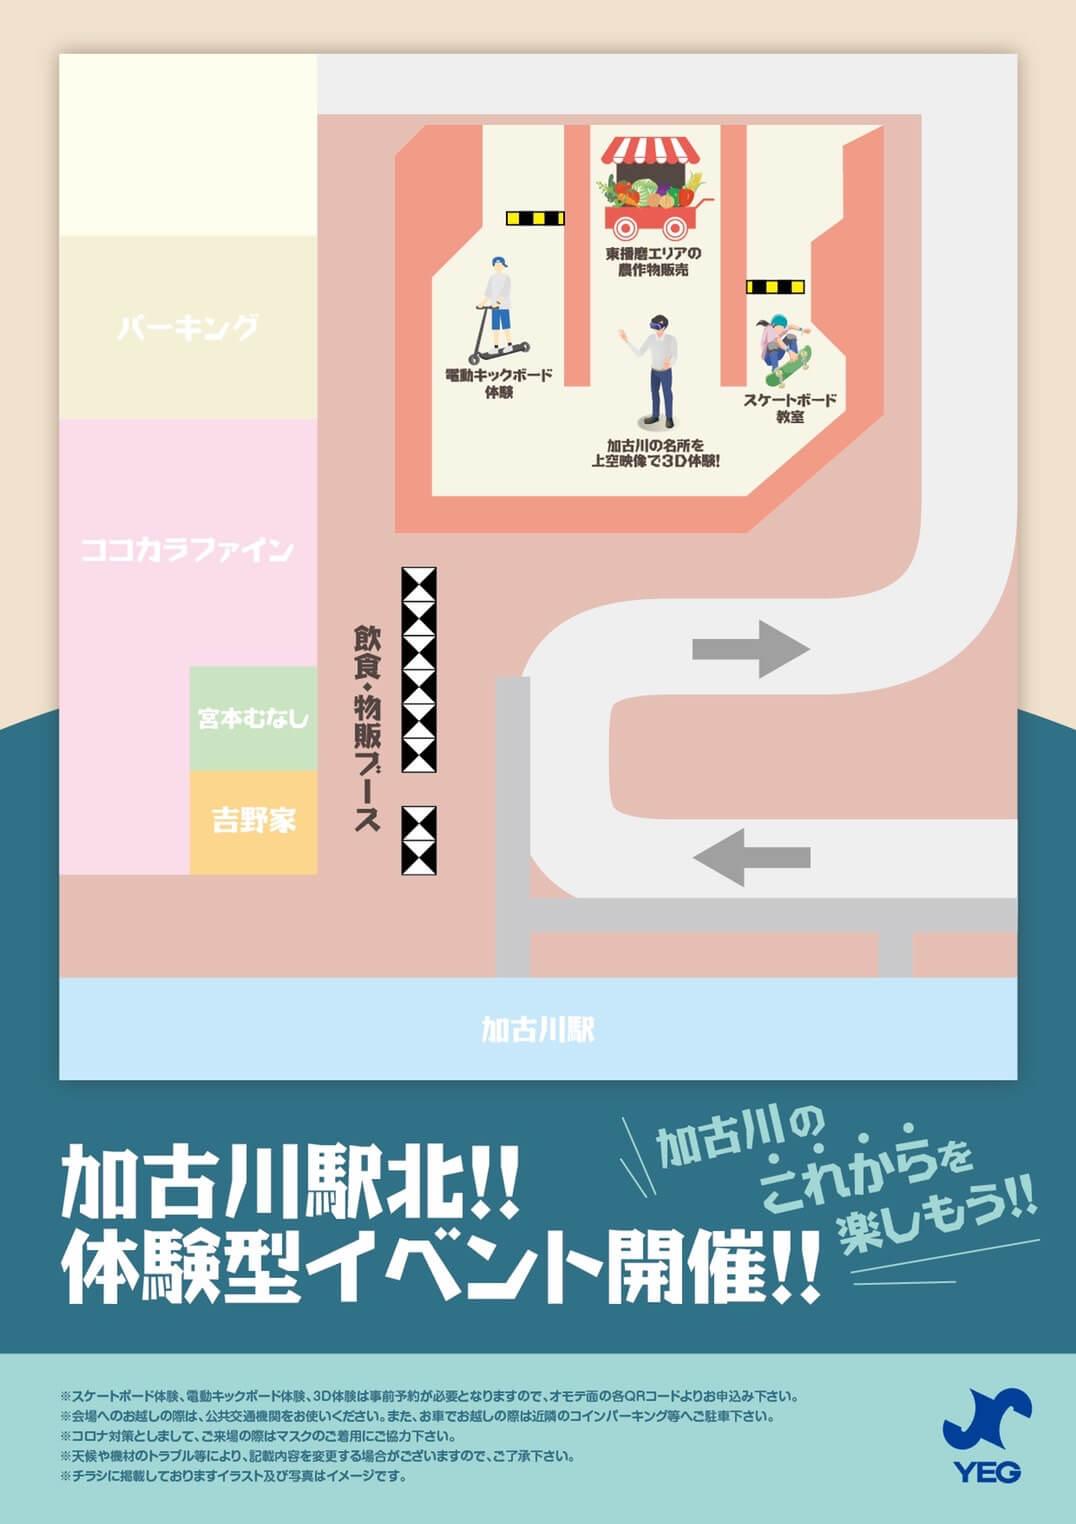 未来ストリートフェスティバル in 加古川チラシ裏